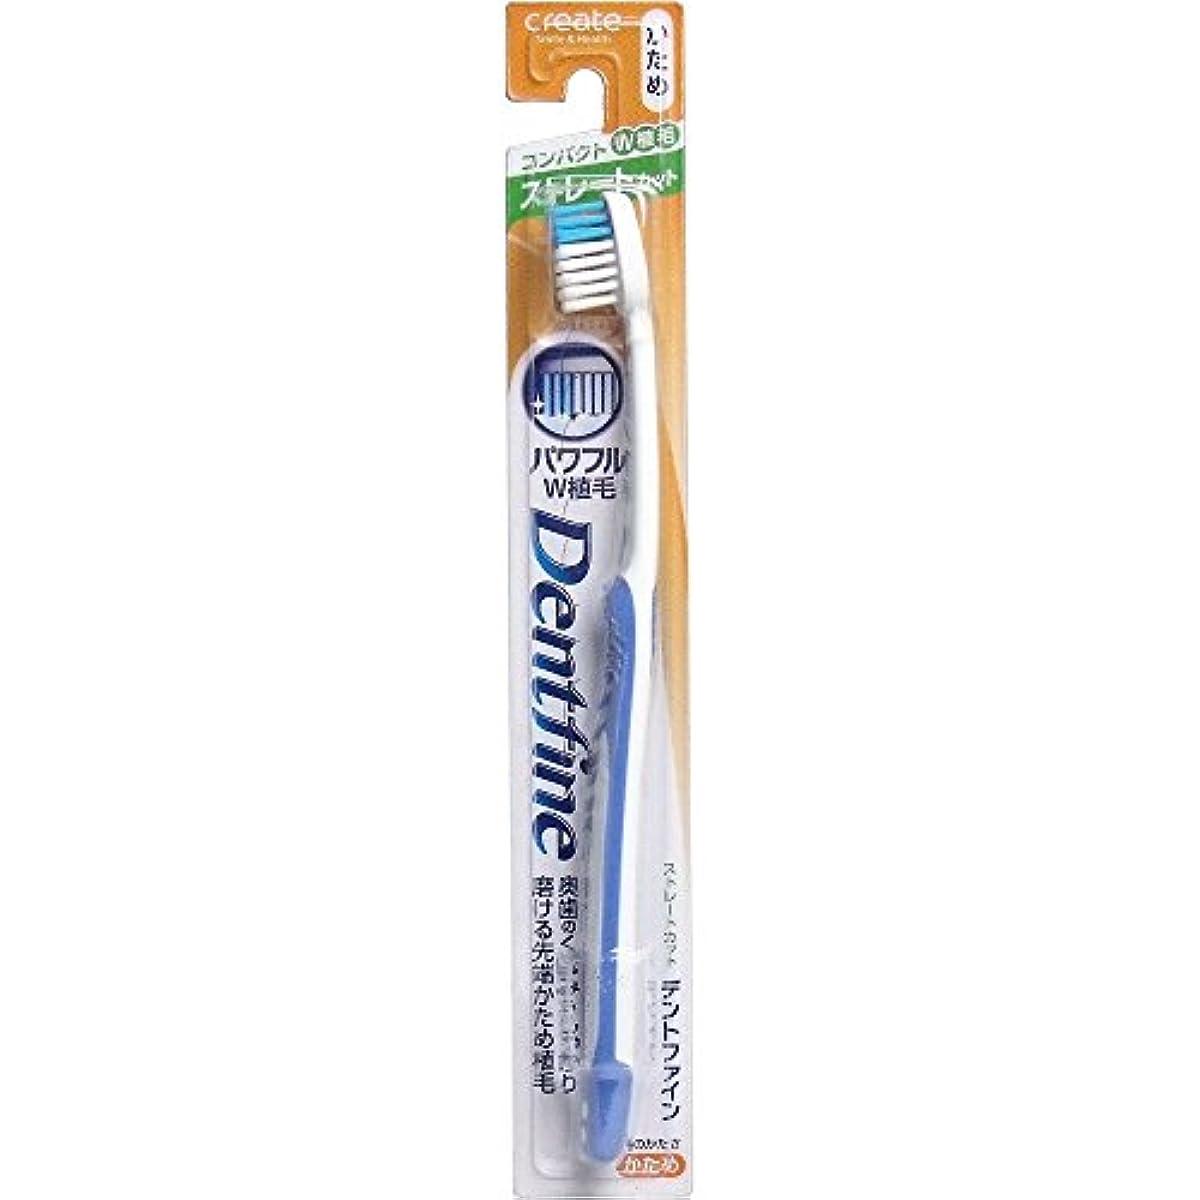 大胆な豊富にコーンウォールデントファイン ラバーグリップ ストレートカット 歯ブラシ かため 1本:ブルー